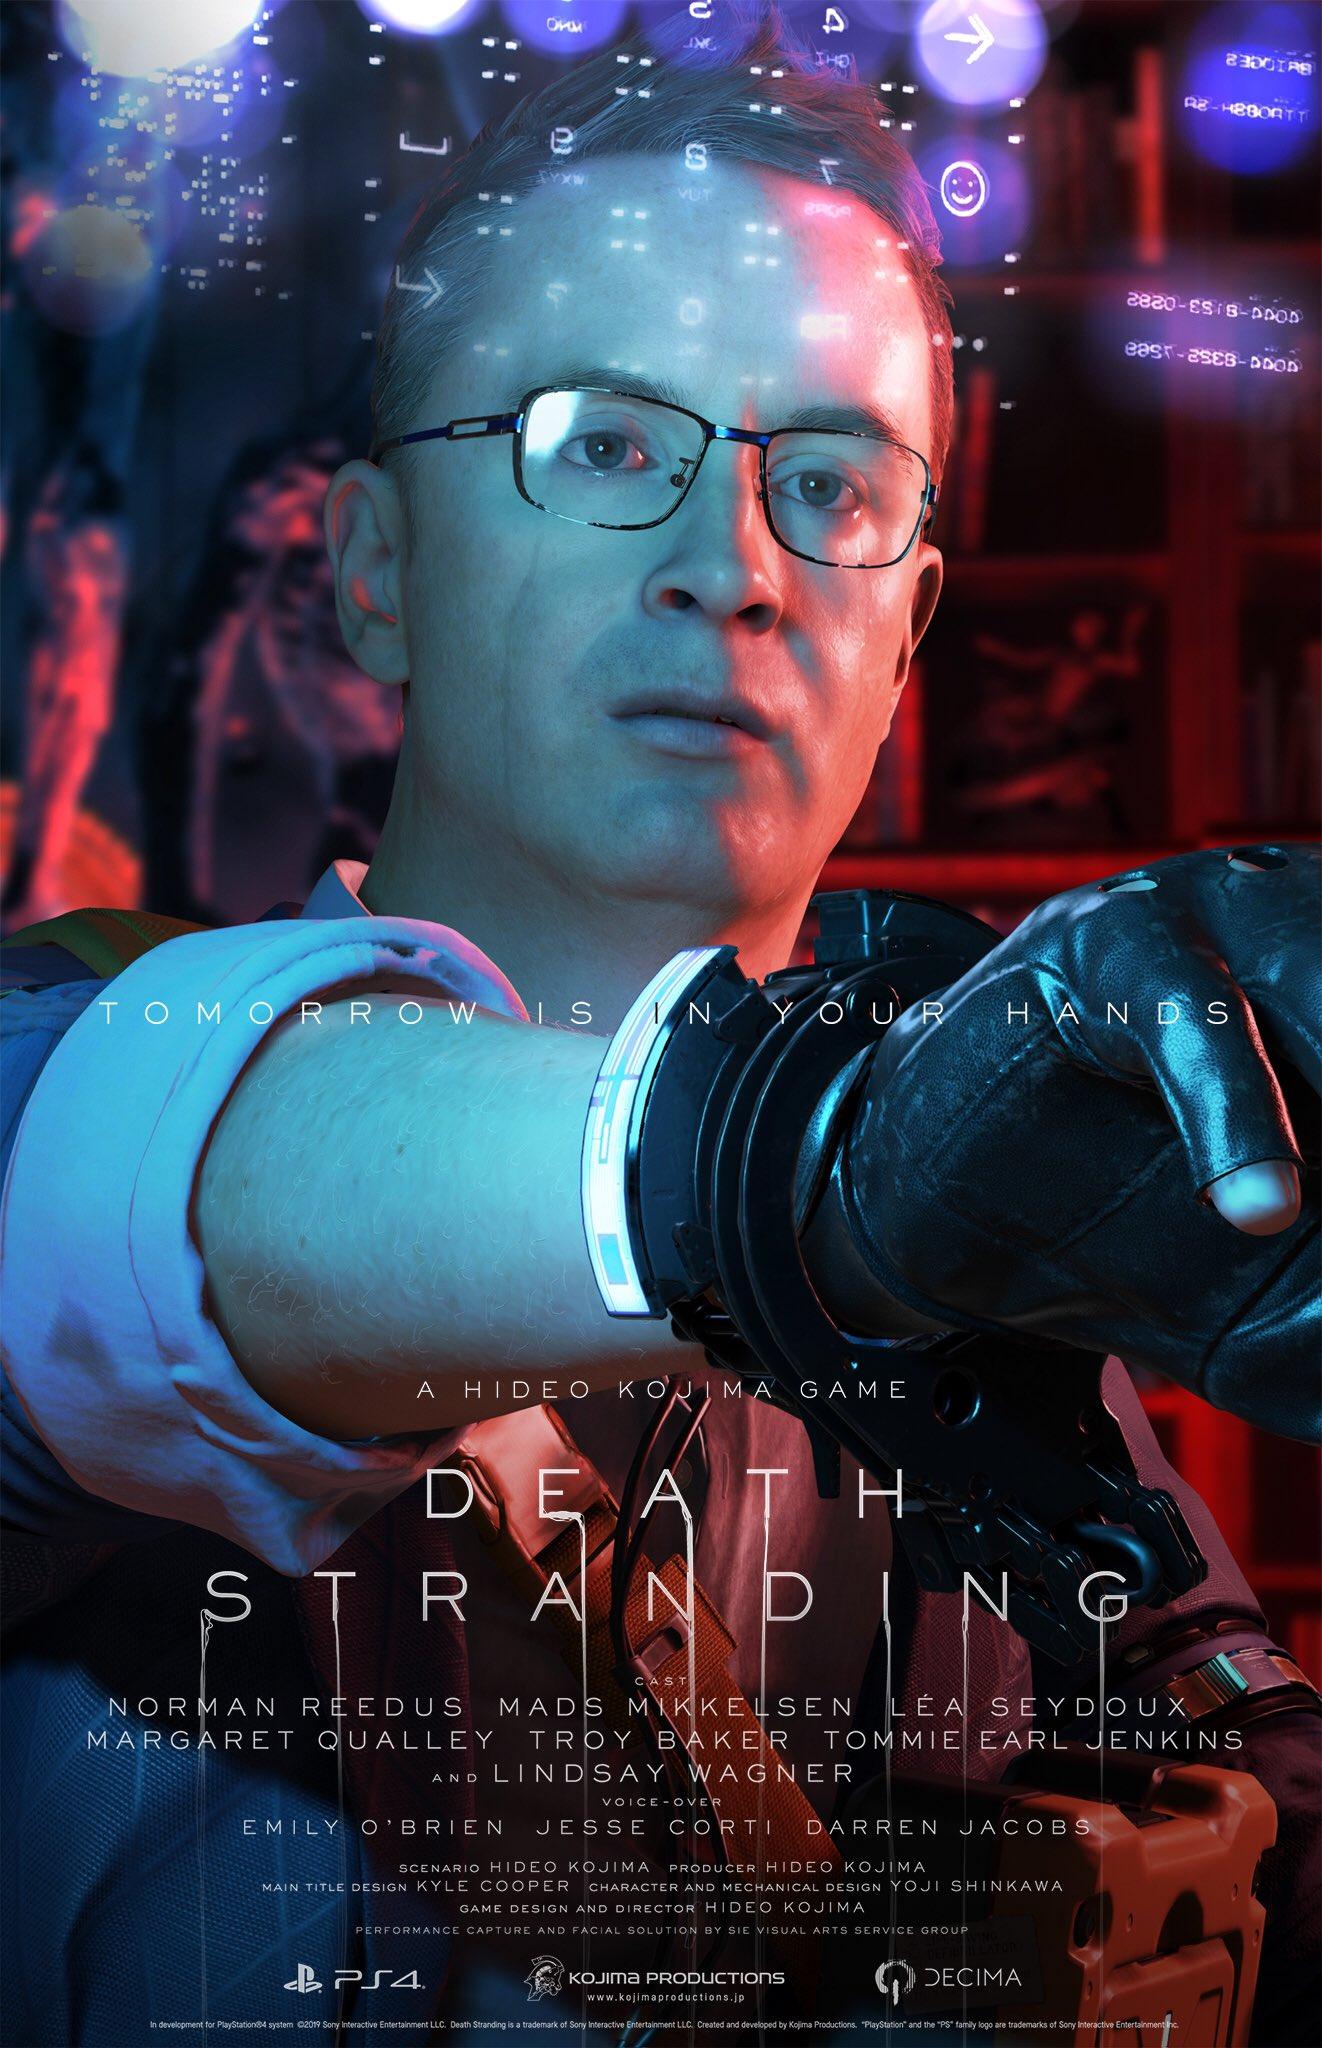 9 1 - 小島秀夫監督の『デス・ストランディング』発売日が11月8日に決定! 最新トレーラーも公開。神ゲーオーラに震えろ